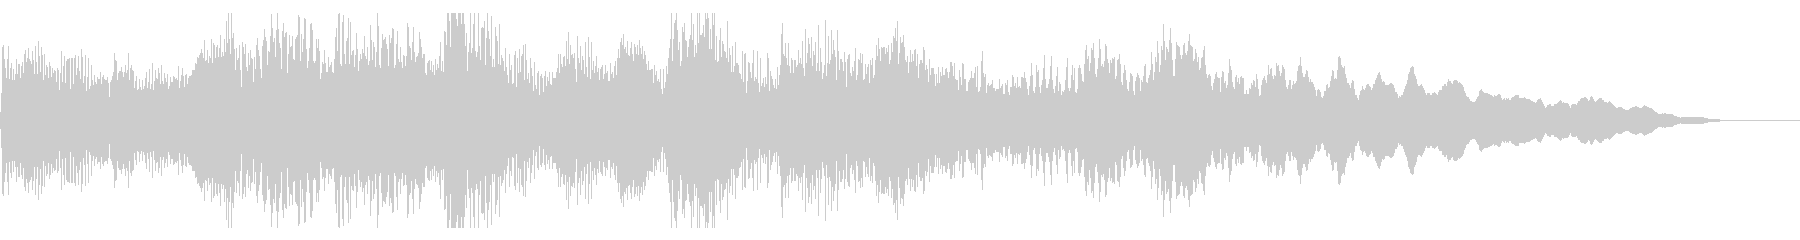 日本的なしっとりしたピアノジングルの未再生の波形